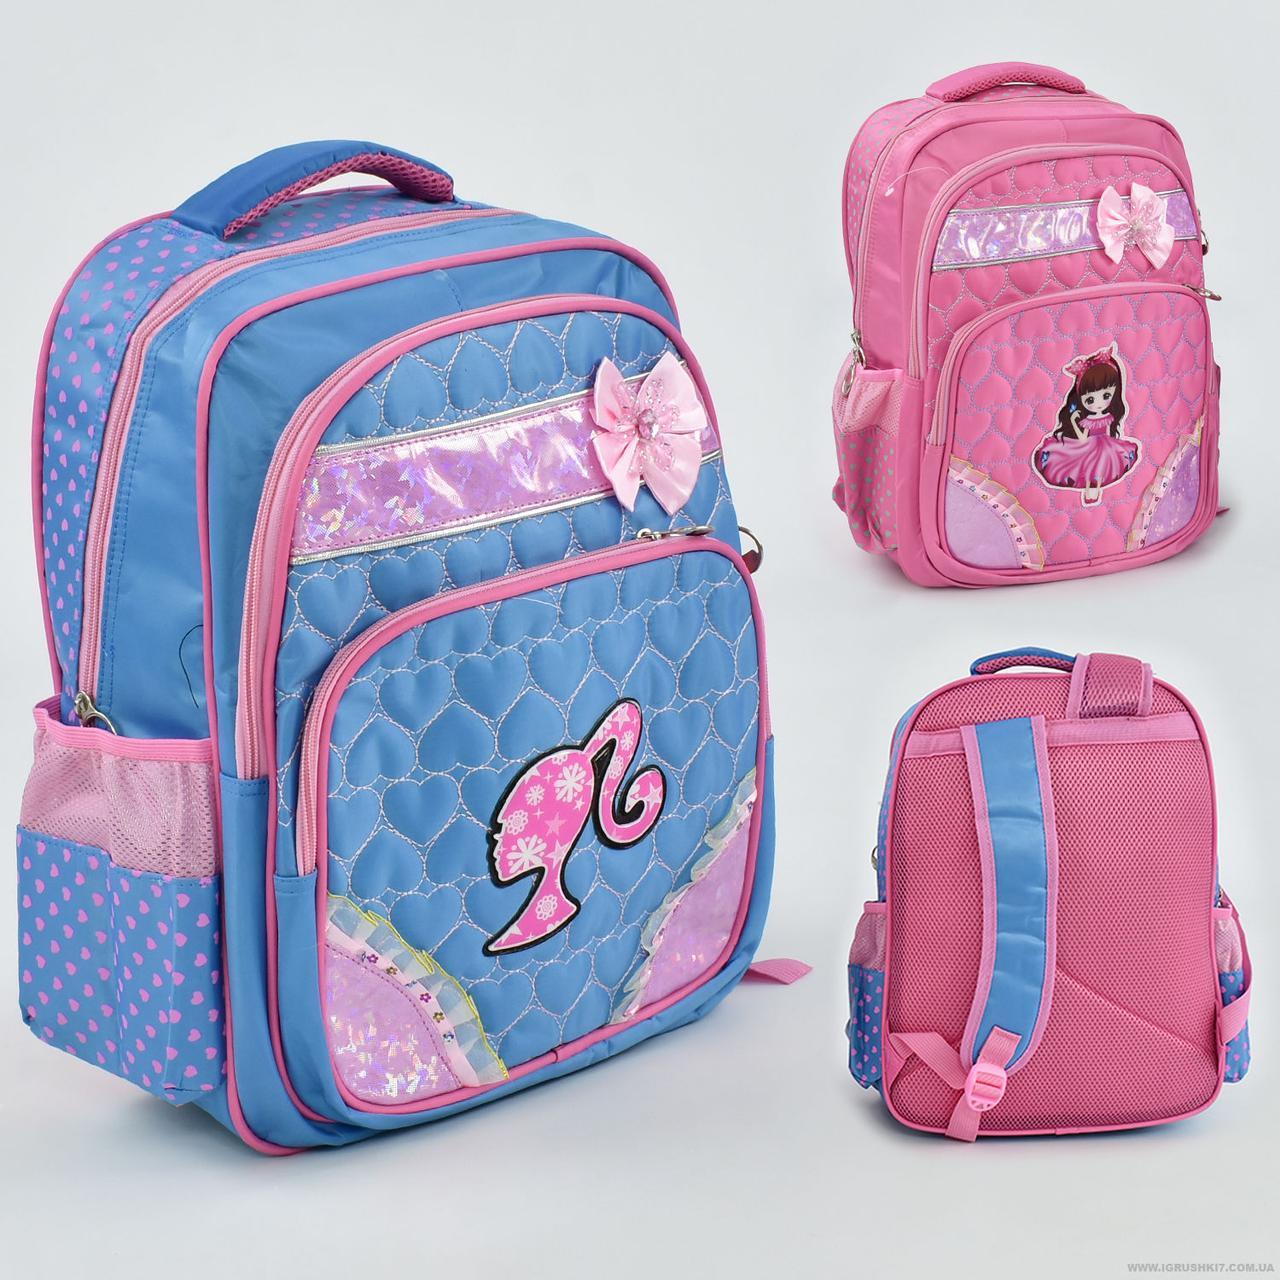 Рюкзак  Silhouette 2 цвета, 3 отделения, 2 кармана, ортопедическая спинка